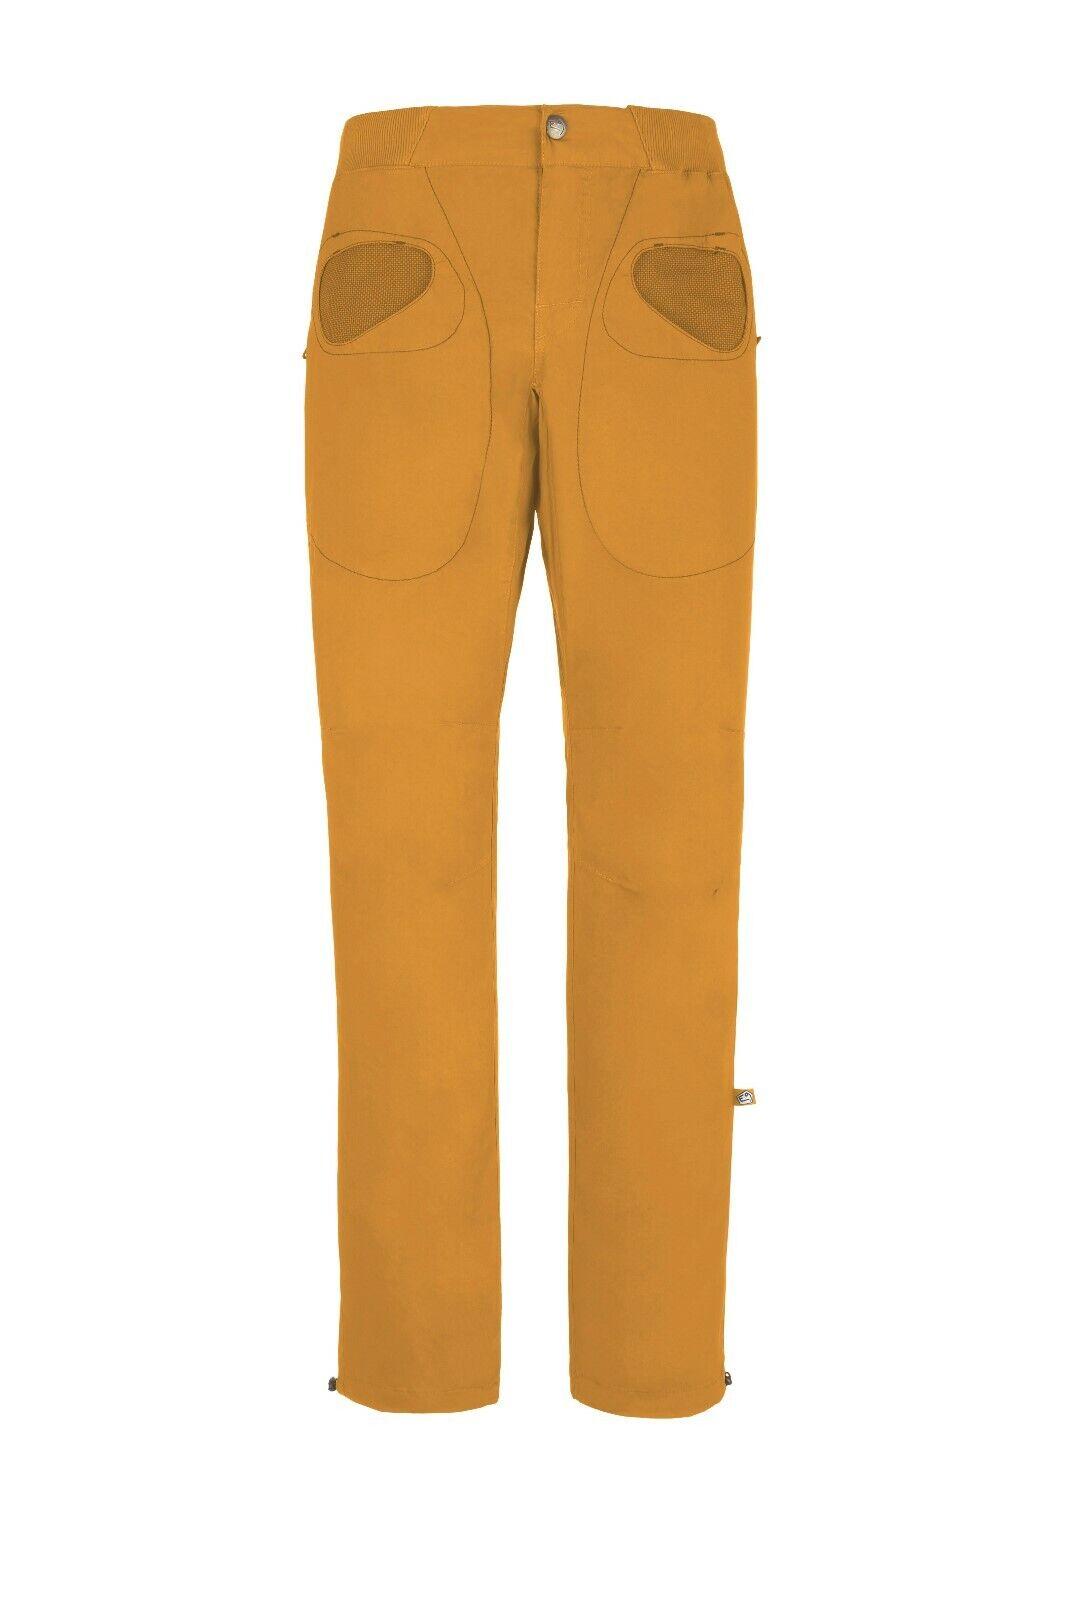 E9 Rondo Slim Pantaloni per Arrampicata per Uomini Senape